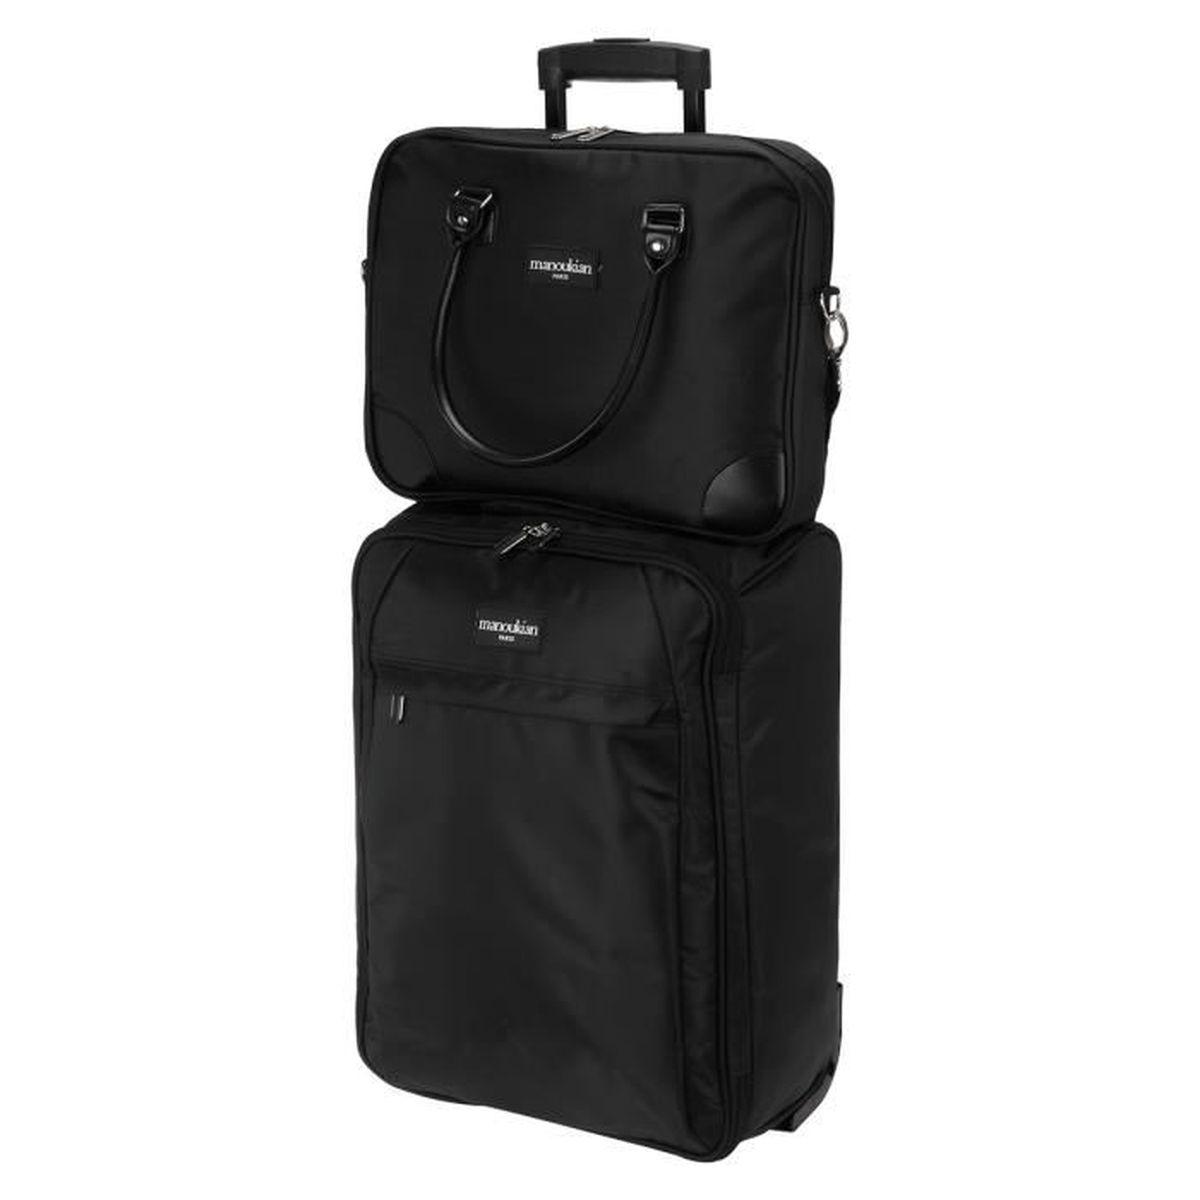 manoukian valise cabine 2 roues 50 cm noir sacoche ordinateur noir achat vente set de. Black Bedroom Furniture Sets. Home Design Ideas